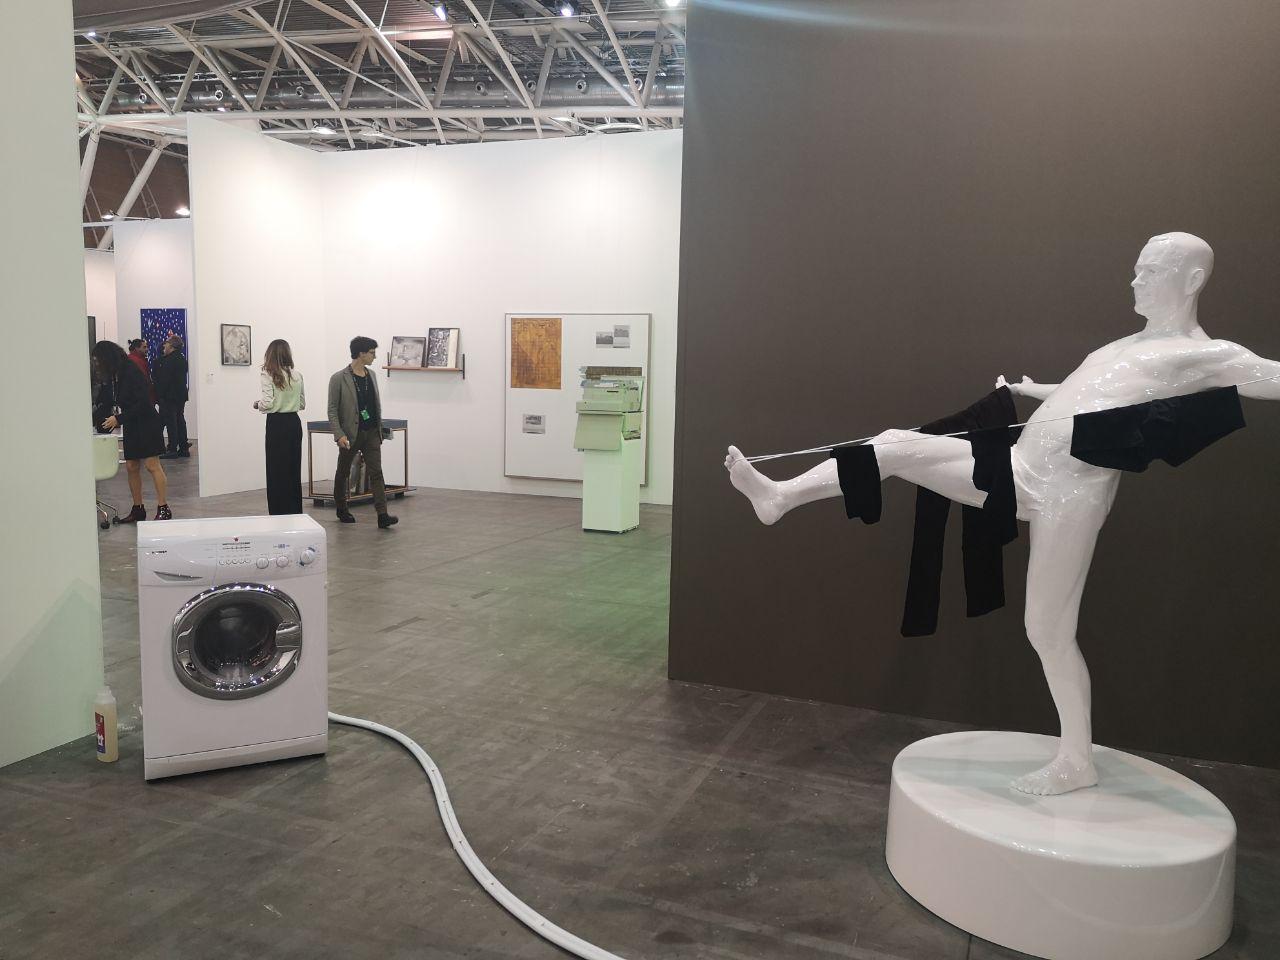 L'opera di Christian Jankowsky nello stand della Galleria Astuni